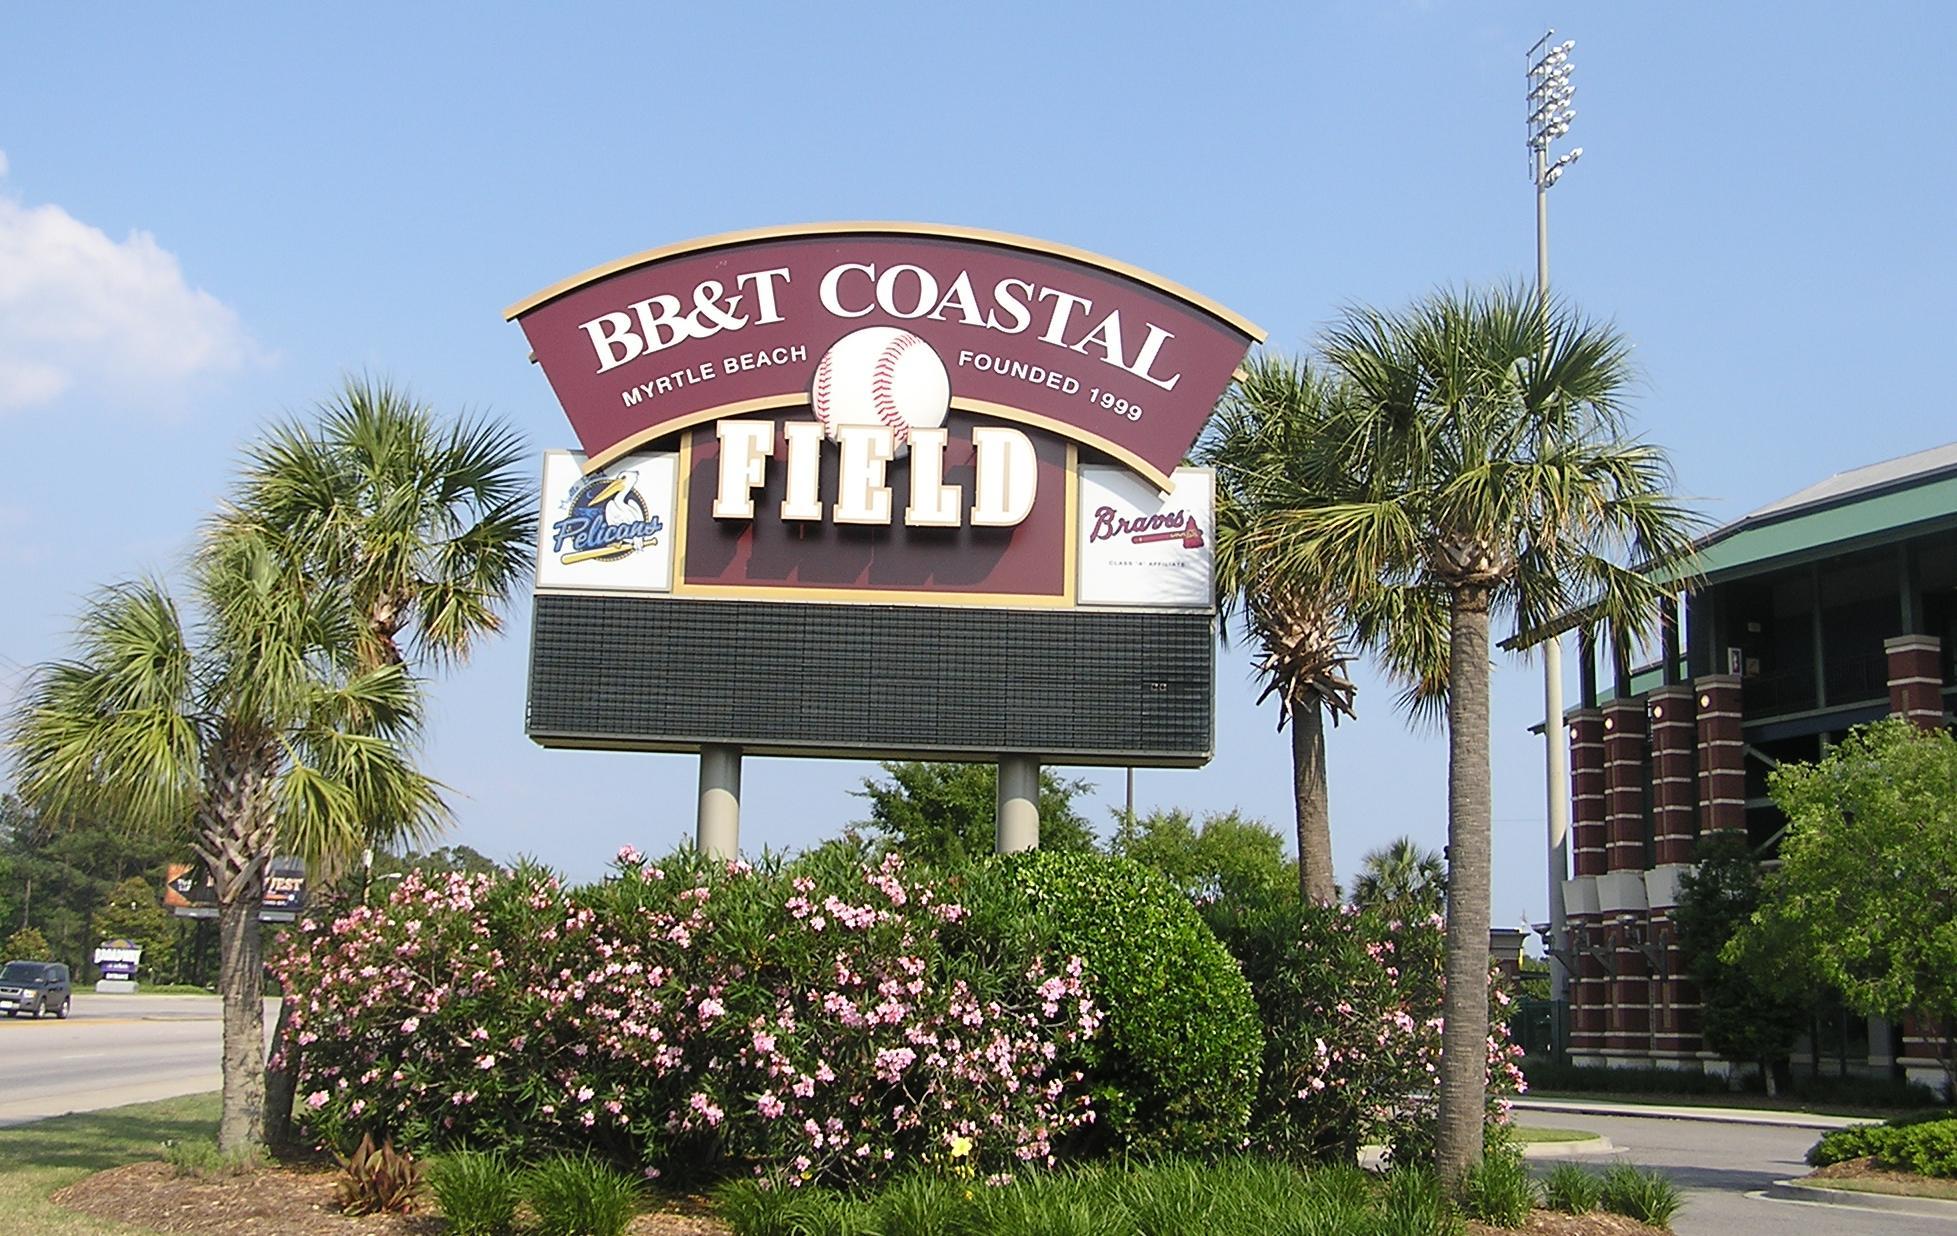 B B & T COASTAL FIELD